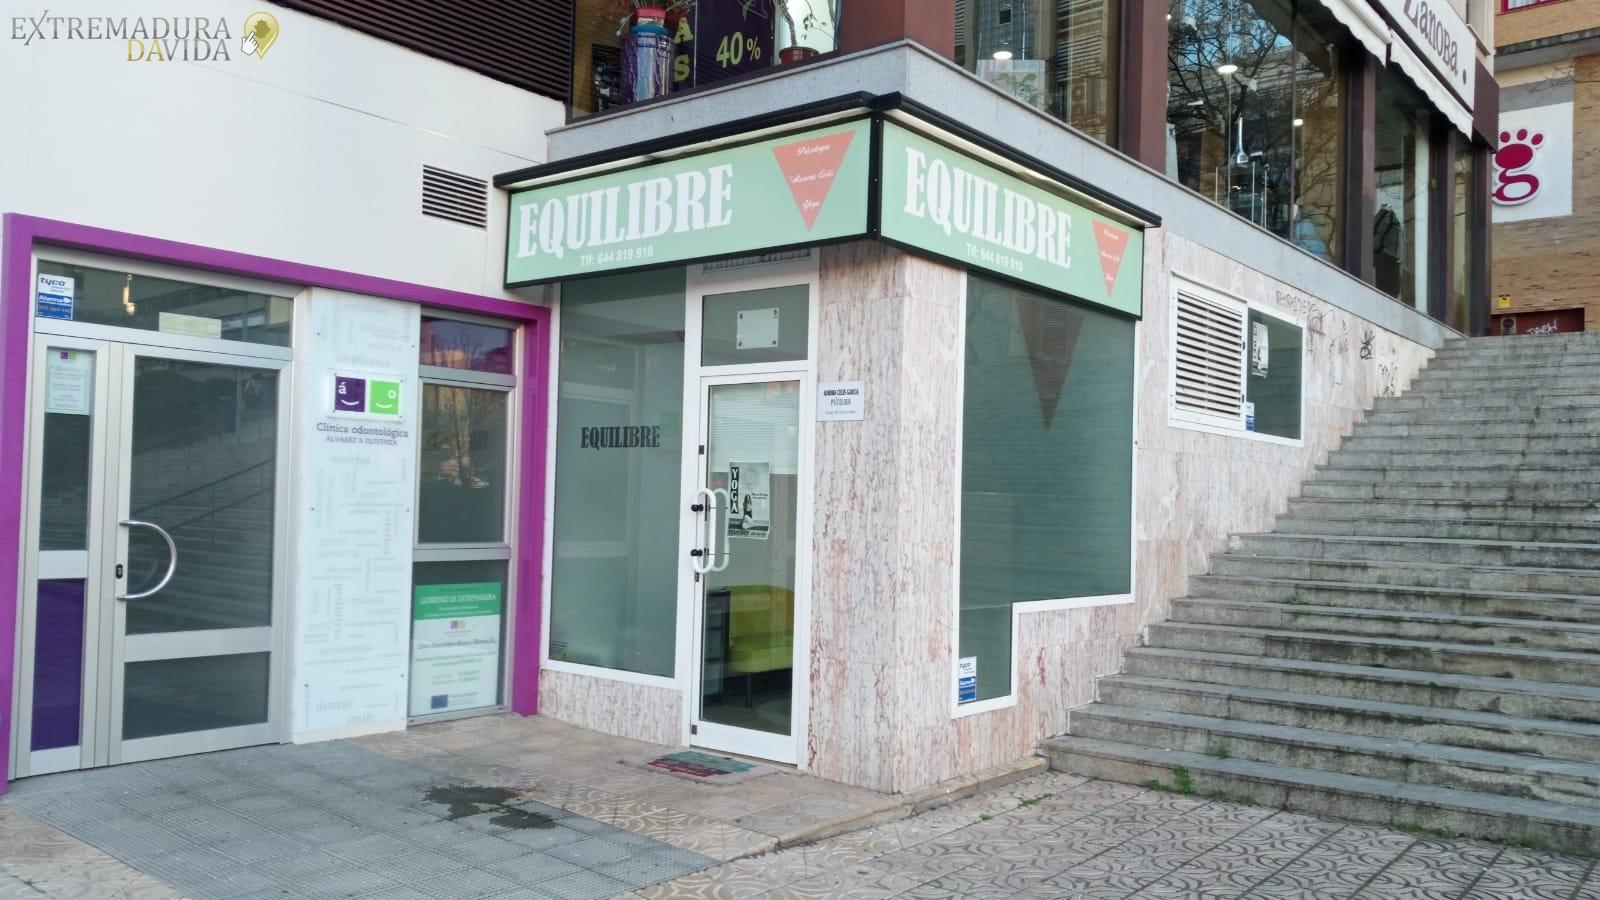 Psicólogos en Cáceres Equilibre -Aurora Celis García